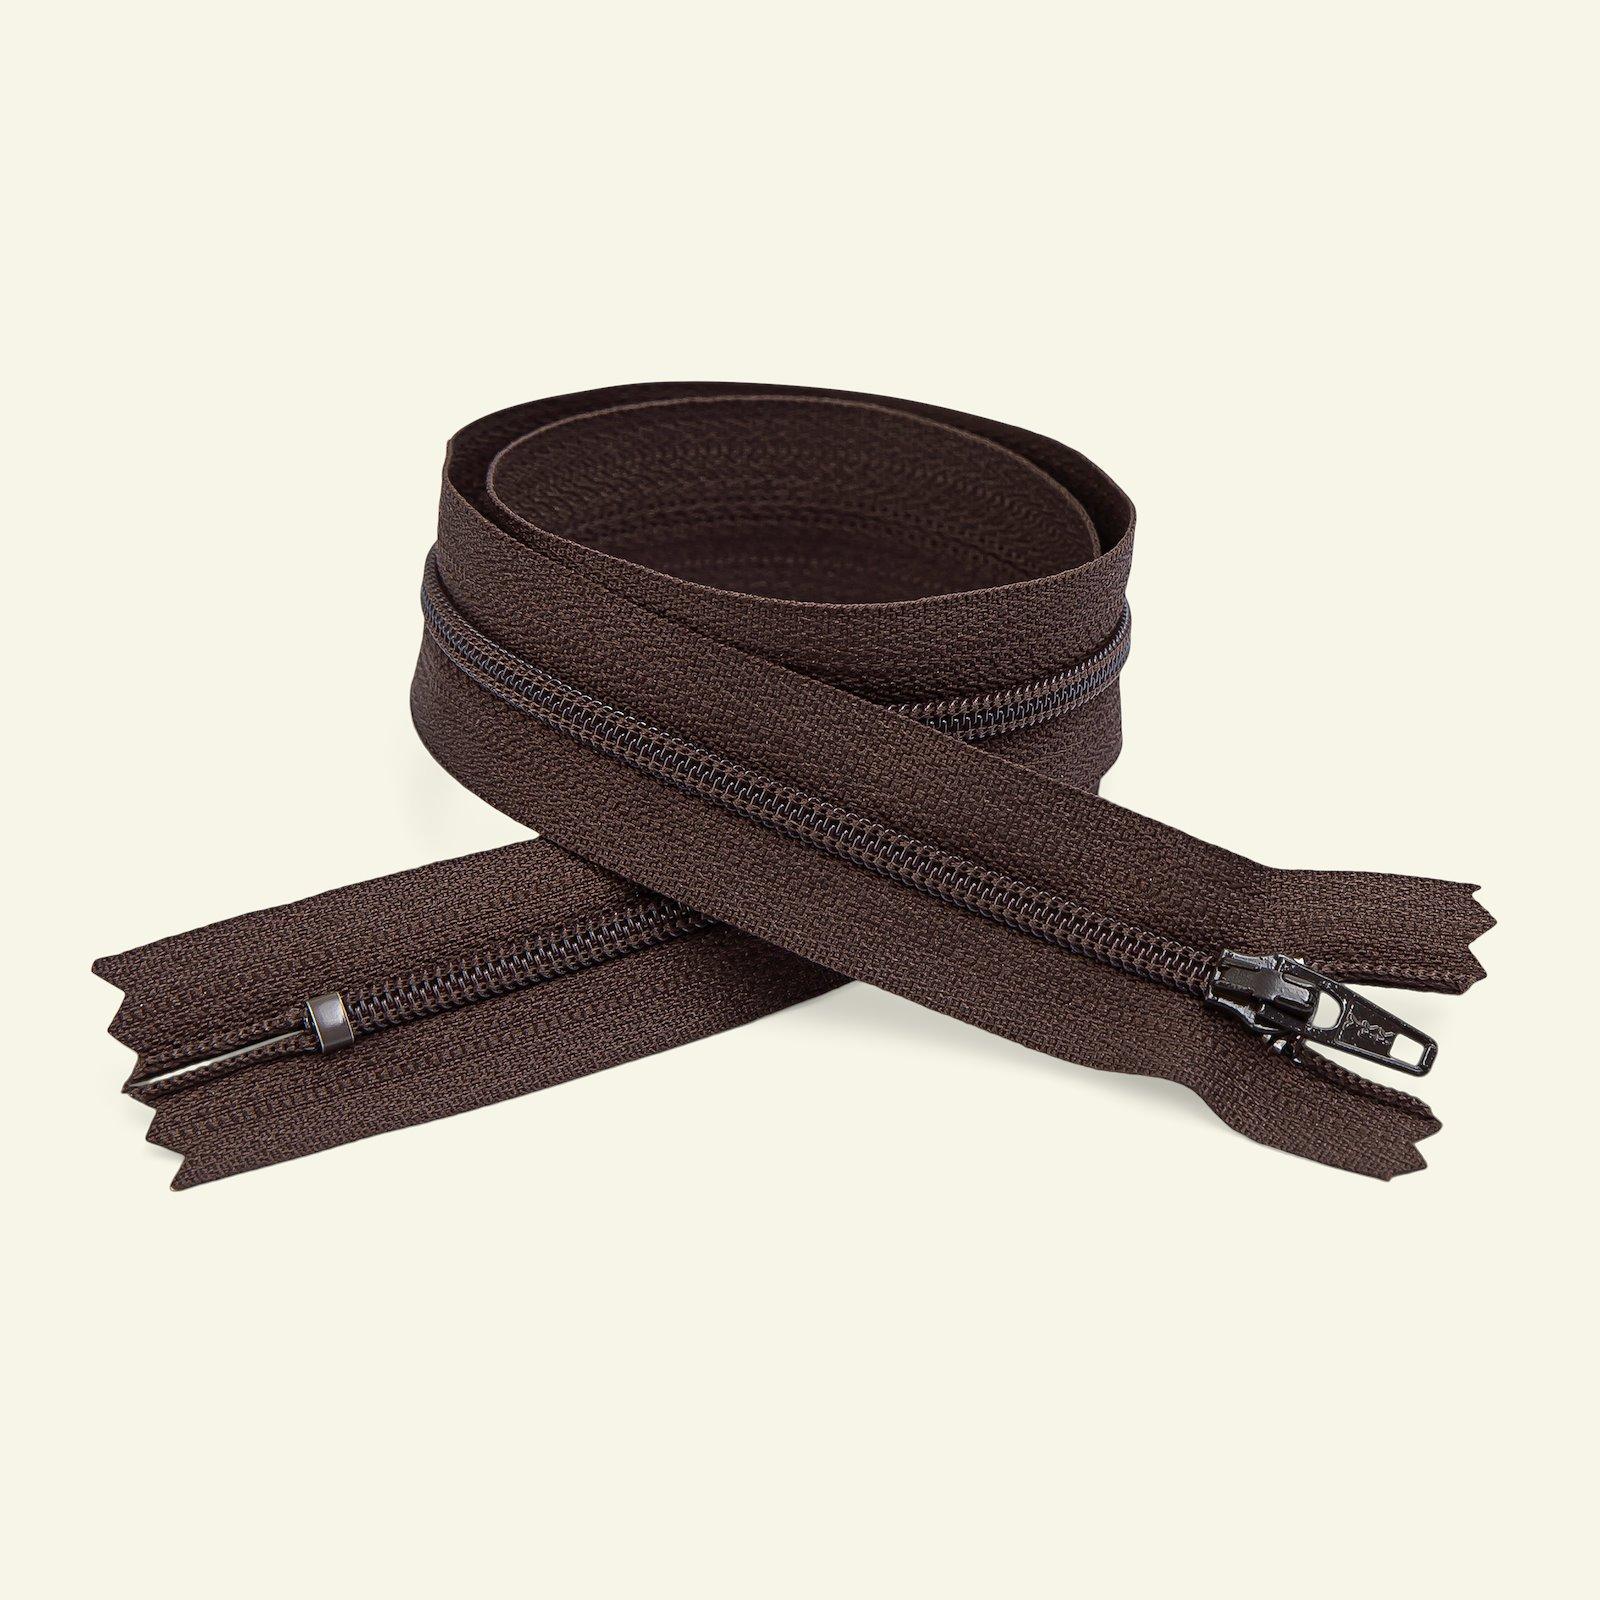 YKK zip 4mm closed end 20cm brown x40537_pack